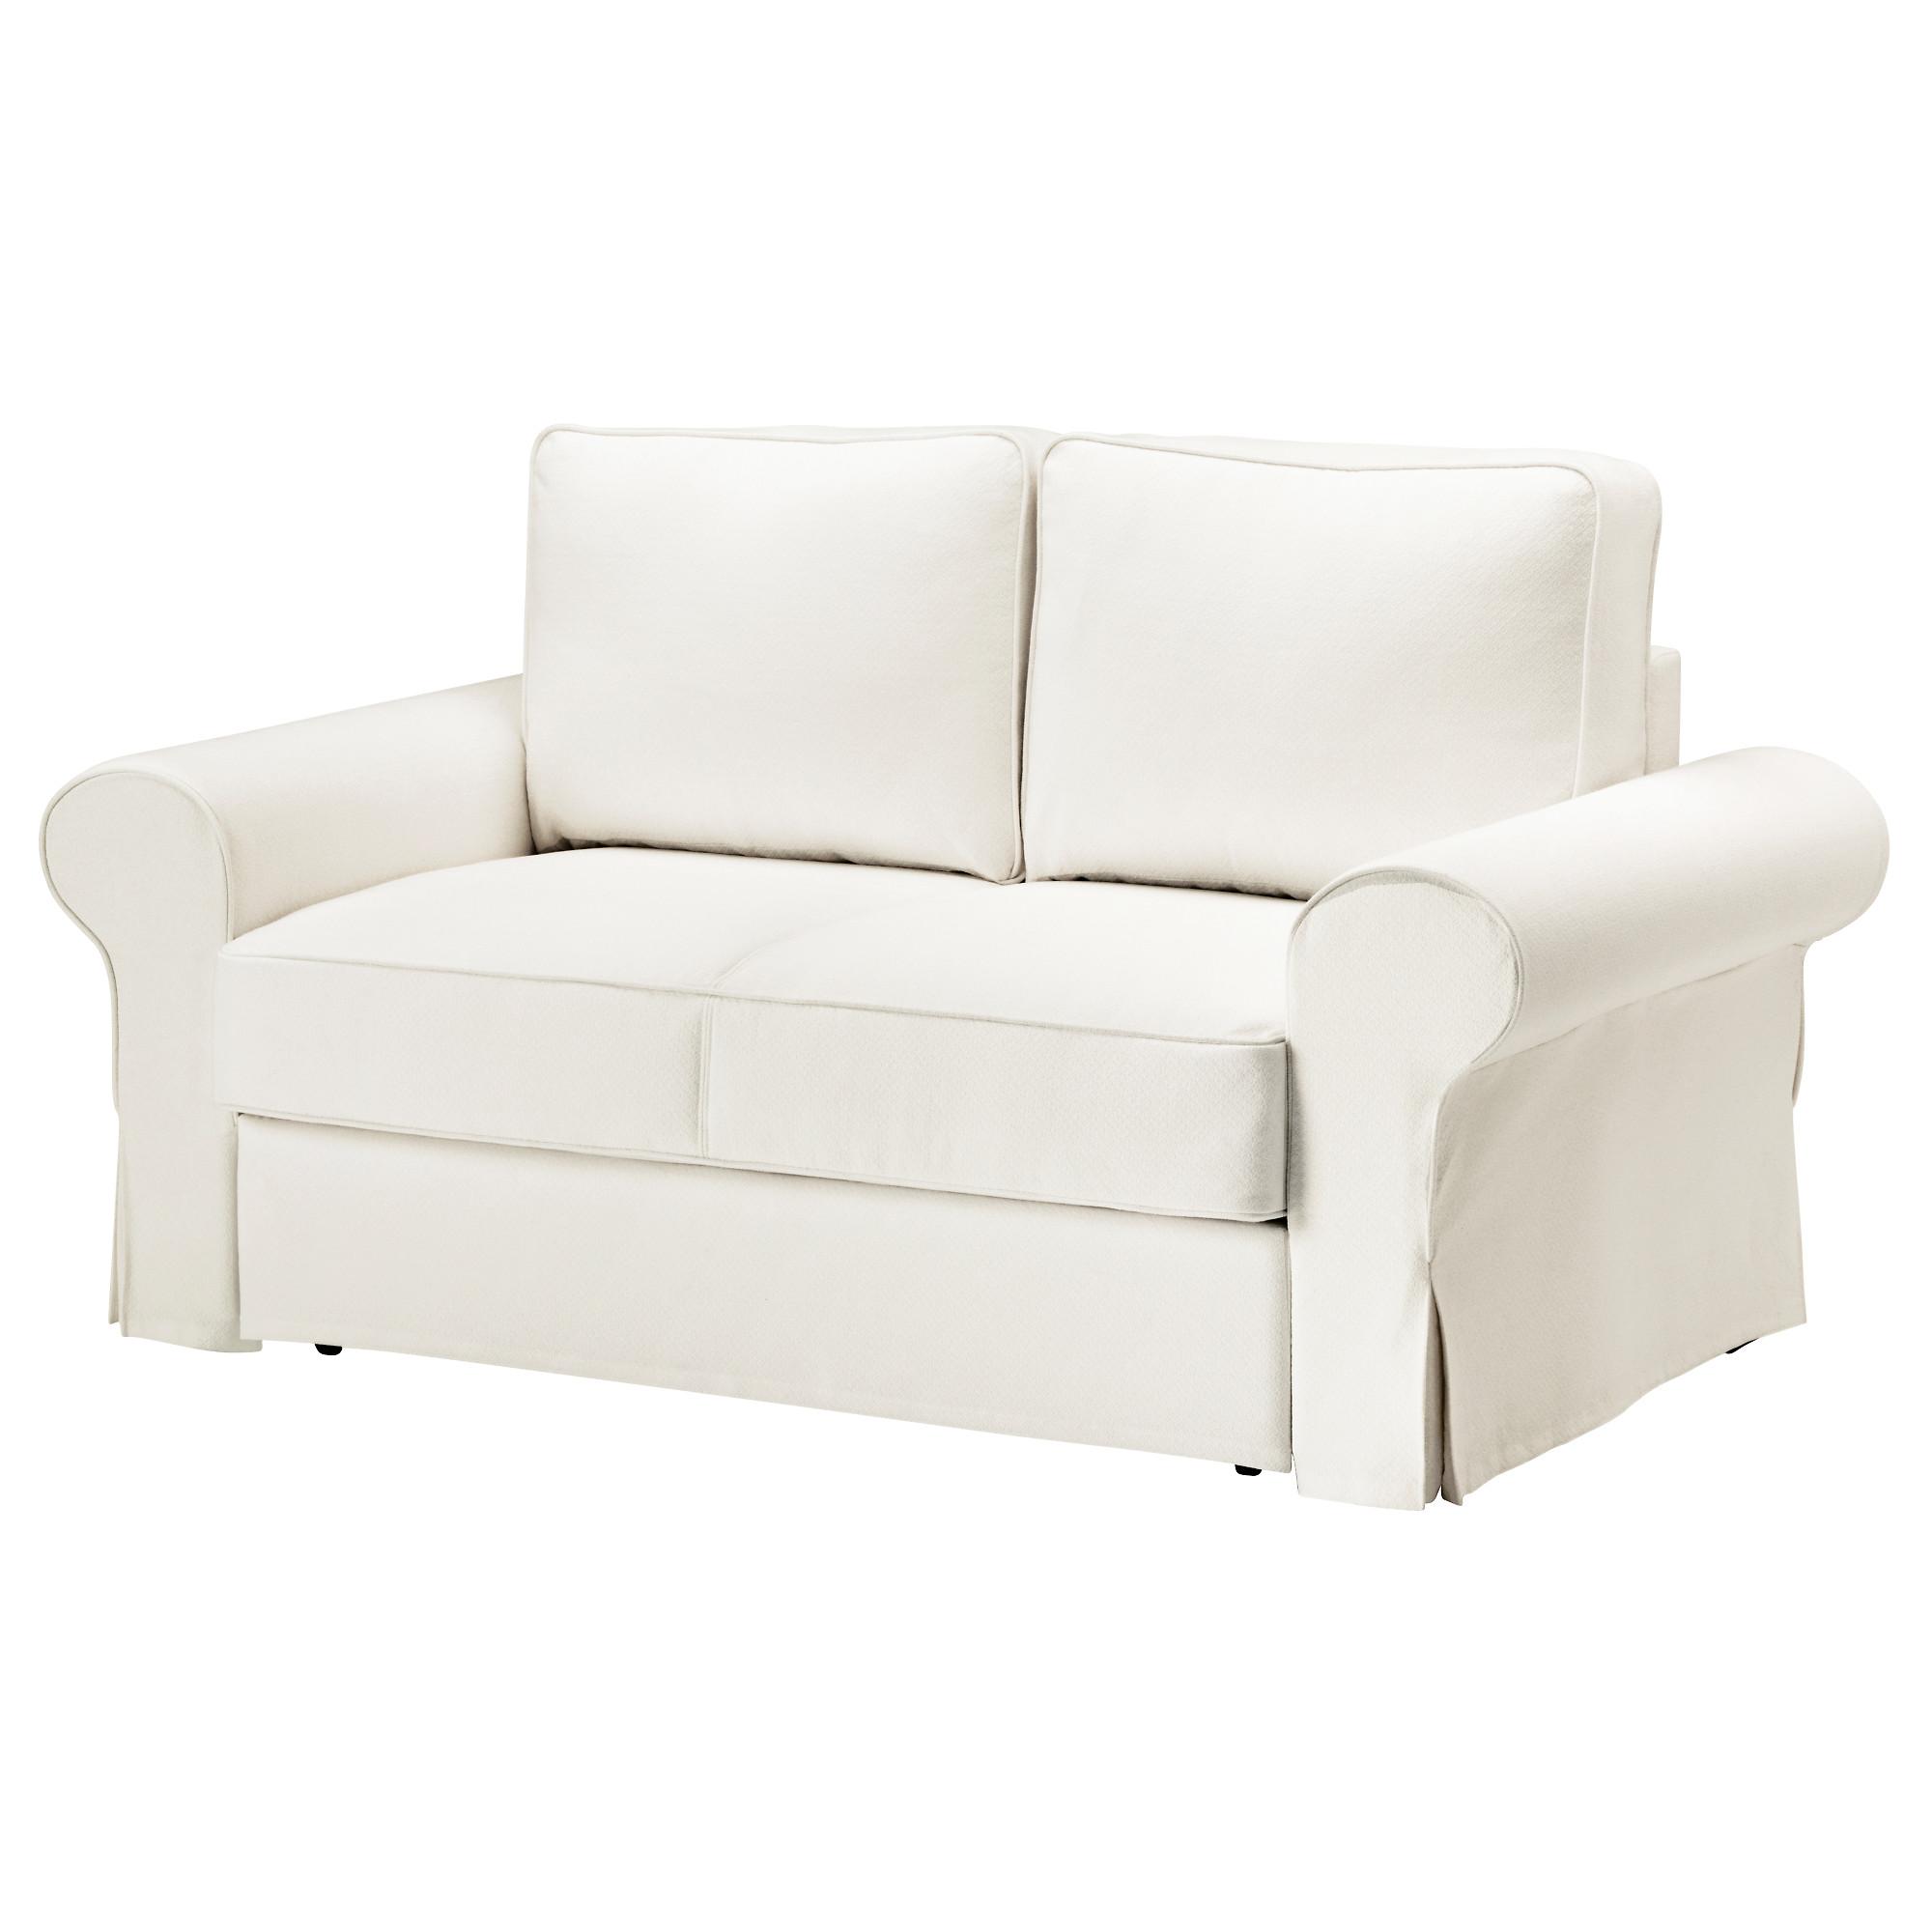 Диван-кровать 2-местная БАККАБРУ белый артикуль № 692.407.19 в наличии. Онлайн каталог IKEA Республика Беларусь. Недорогая доставка и монтаж.